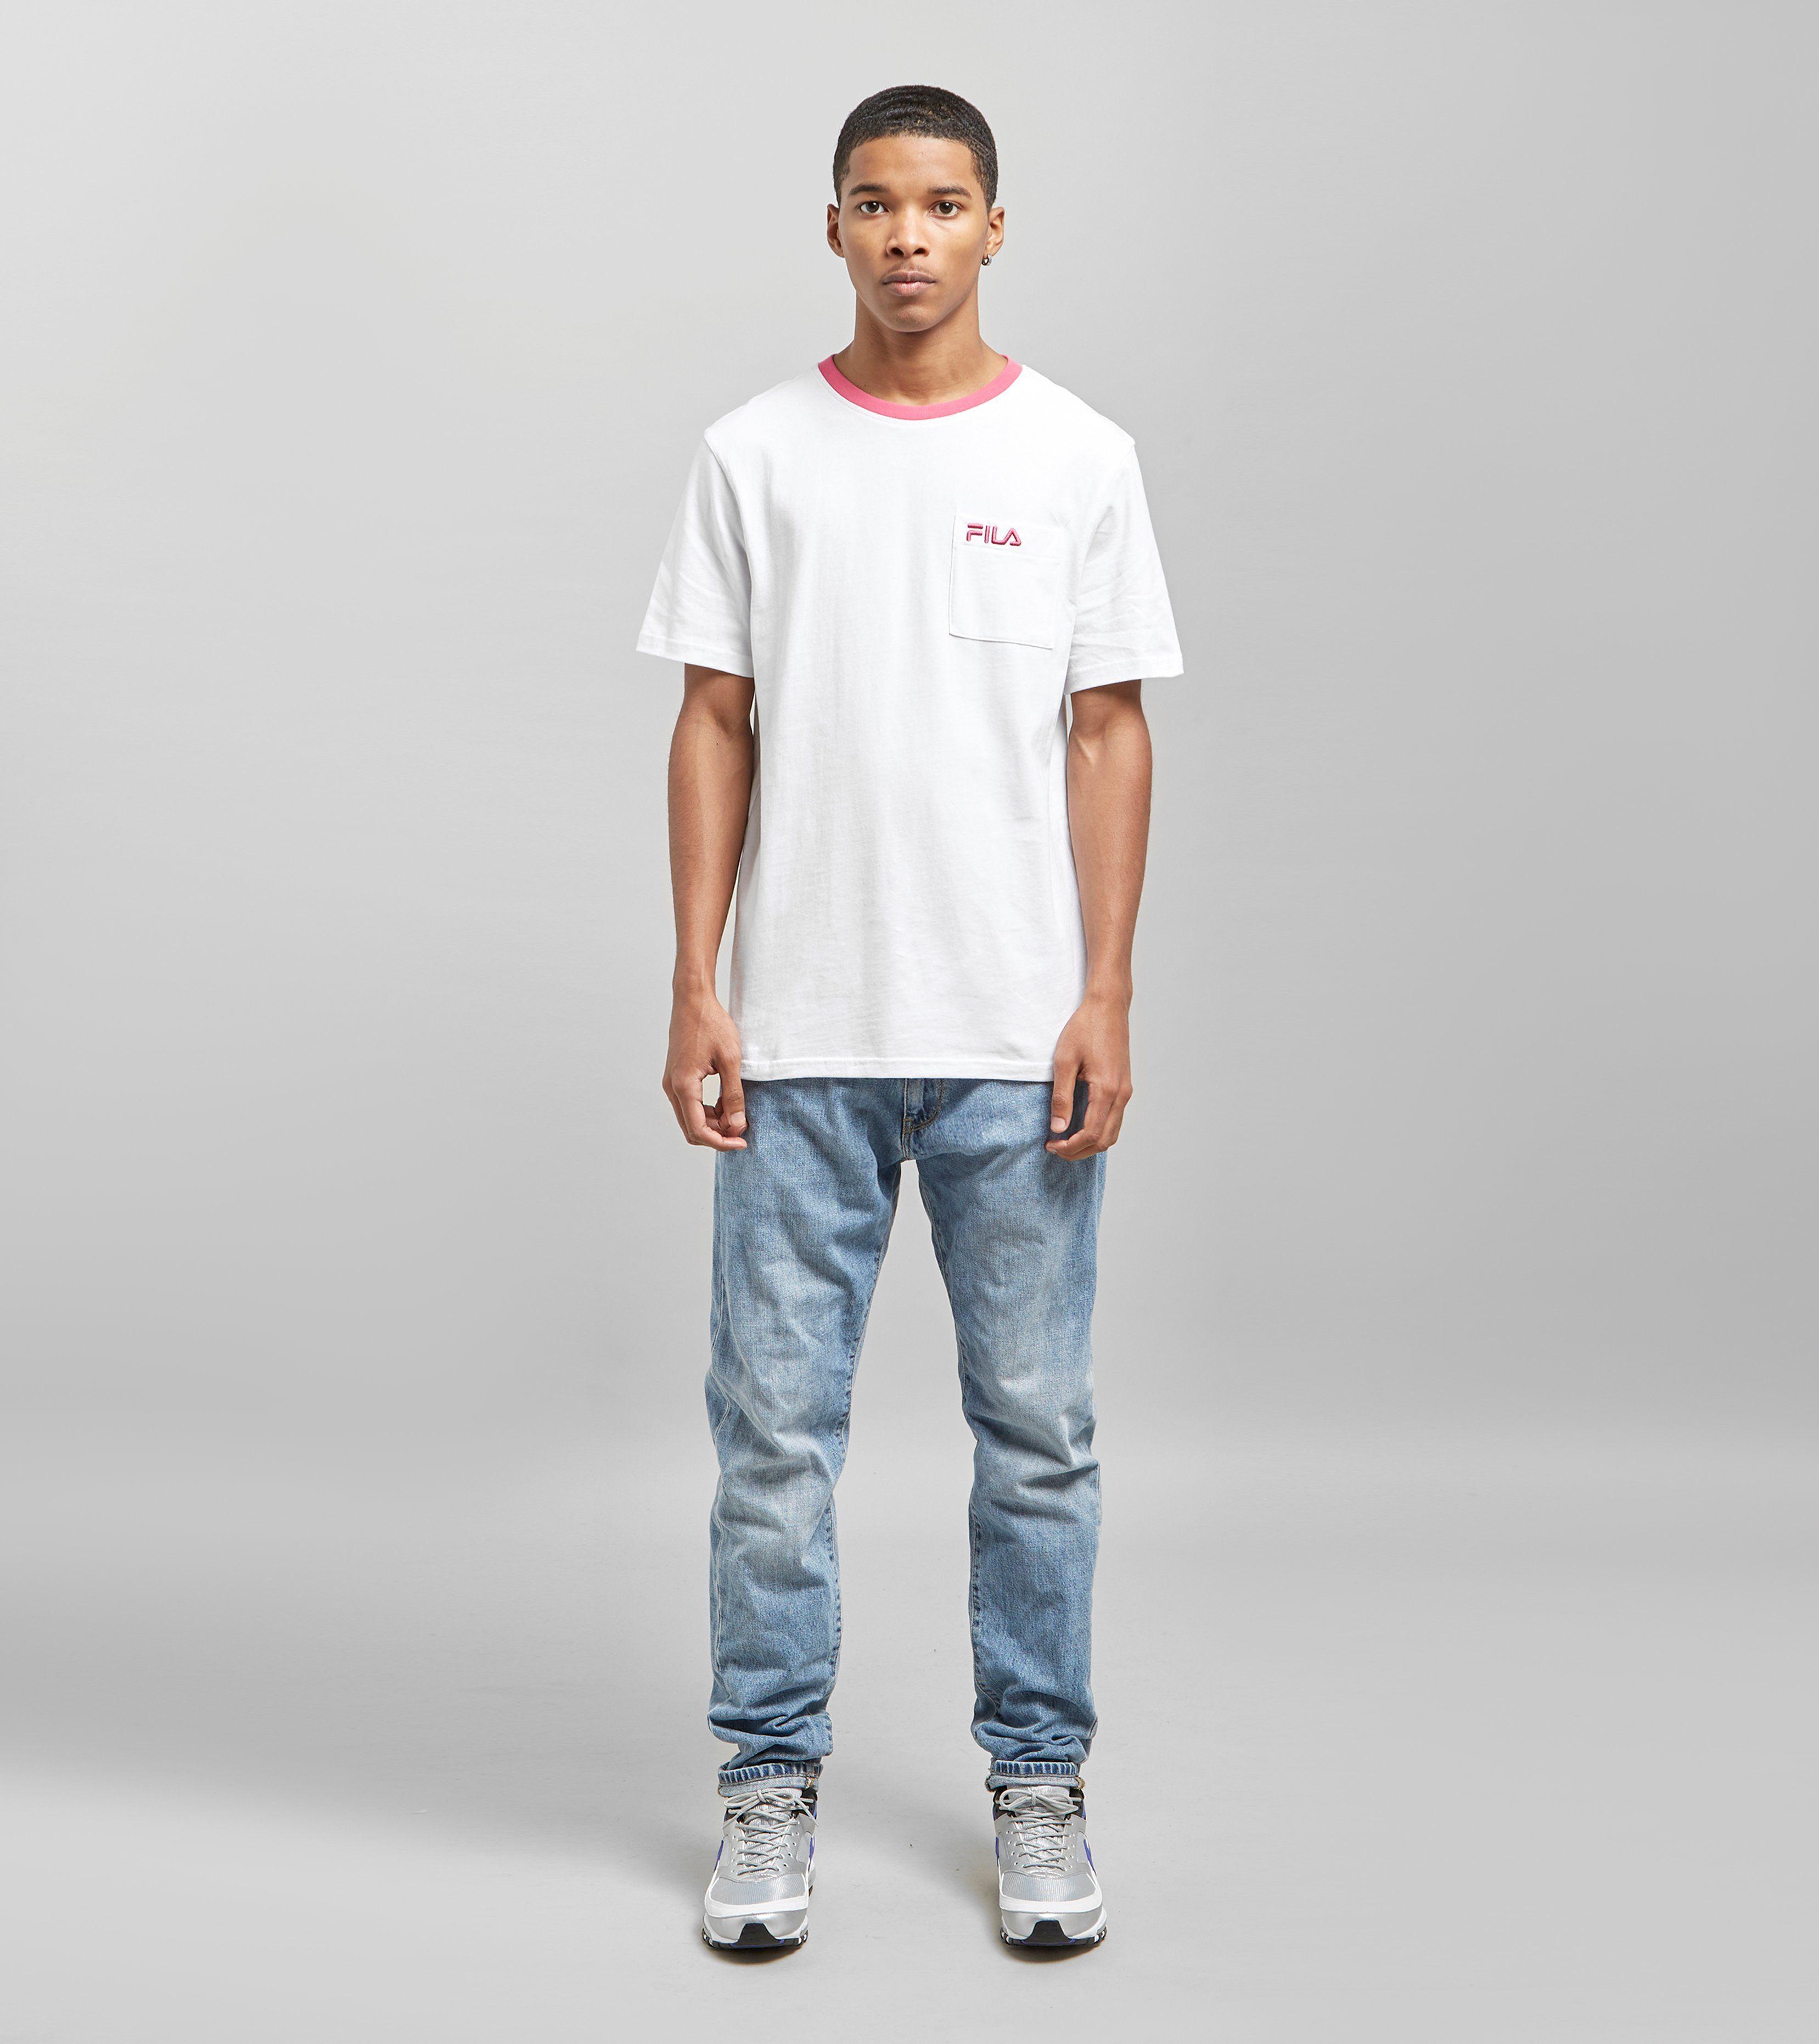 Fila T-Shirt Bondone - exclusivité size?